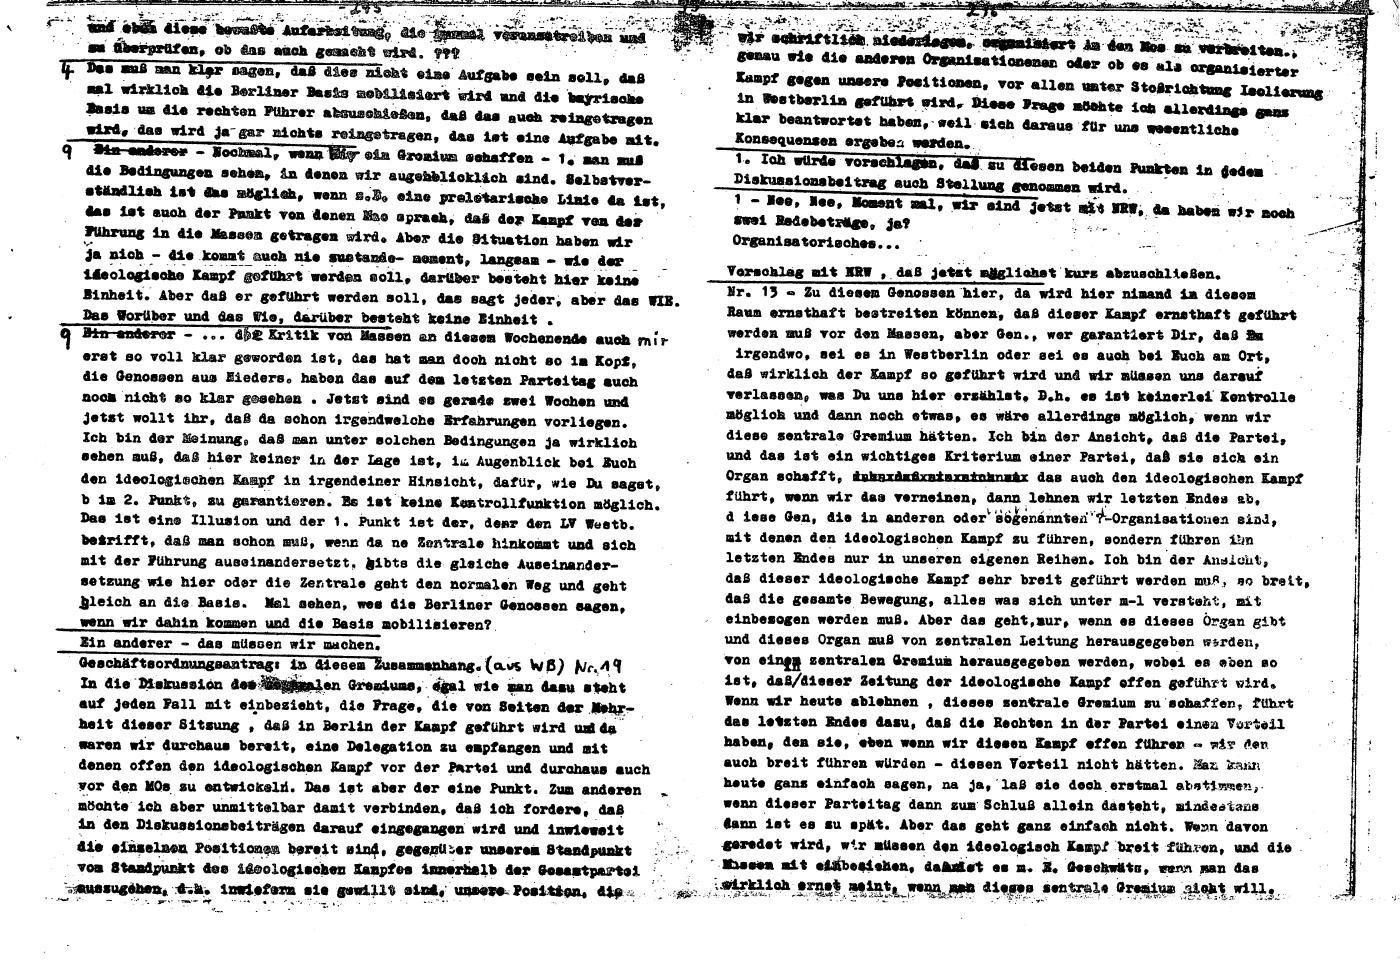 KPDML_1971_Wortprotokolle_aoPt_065